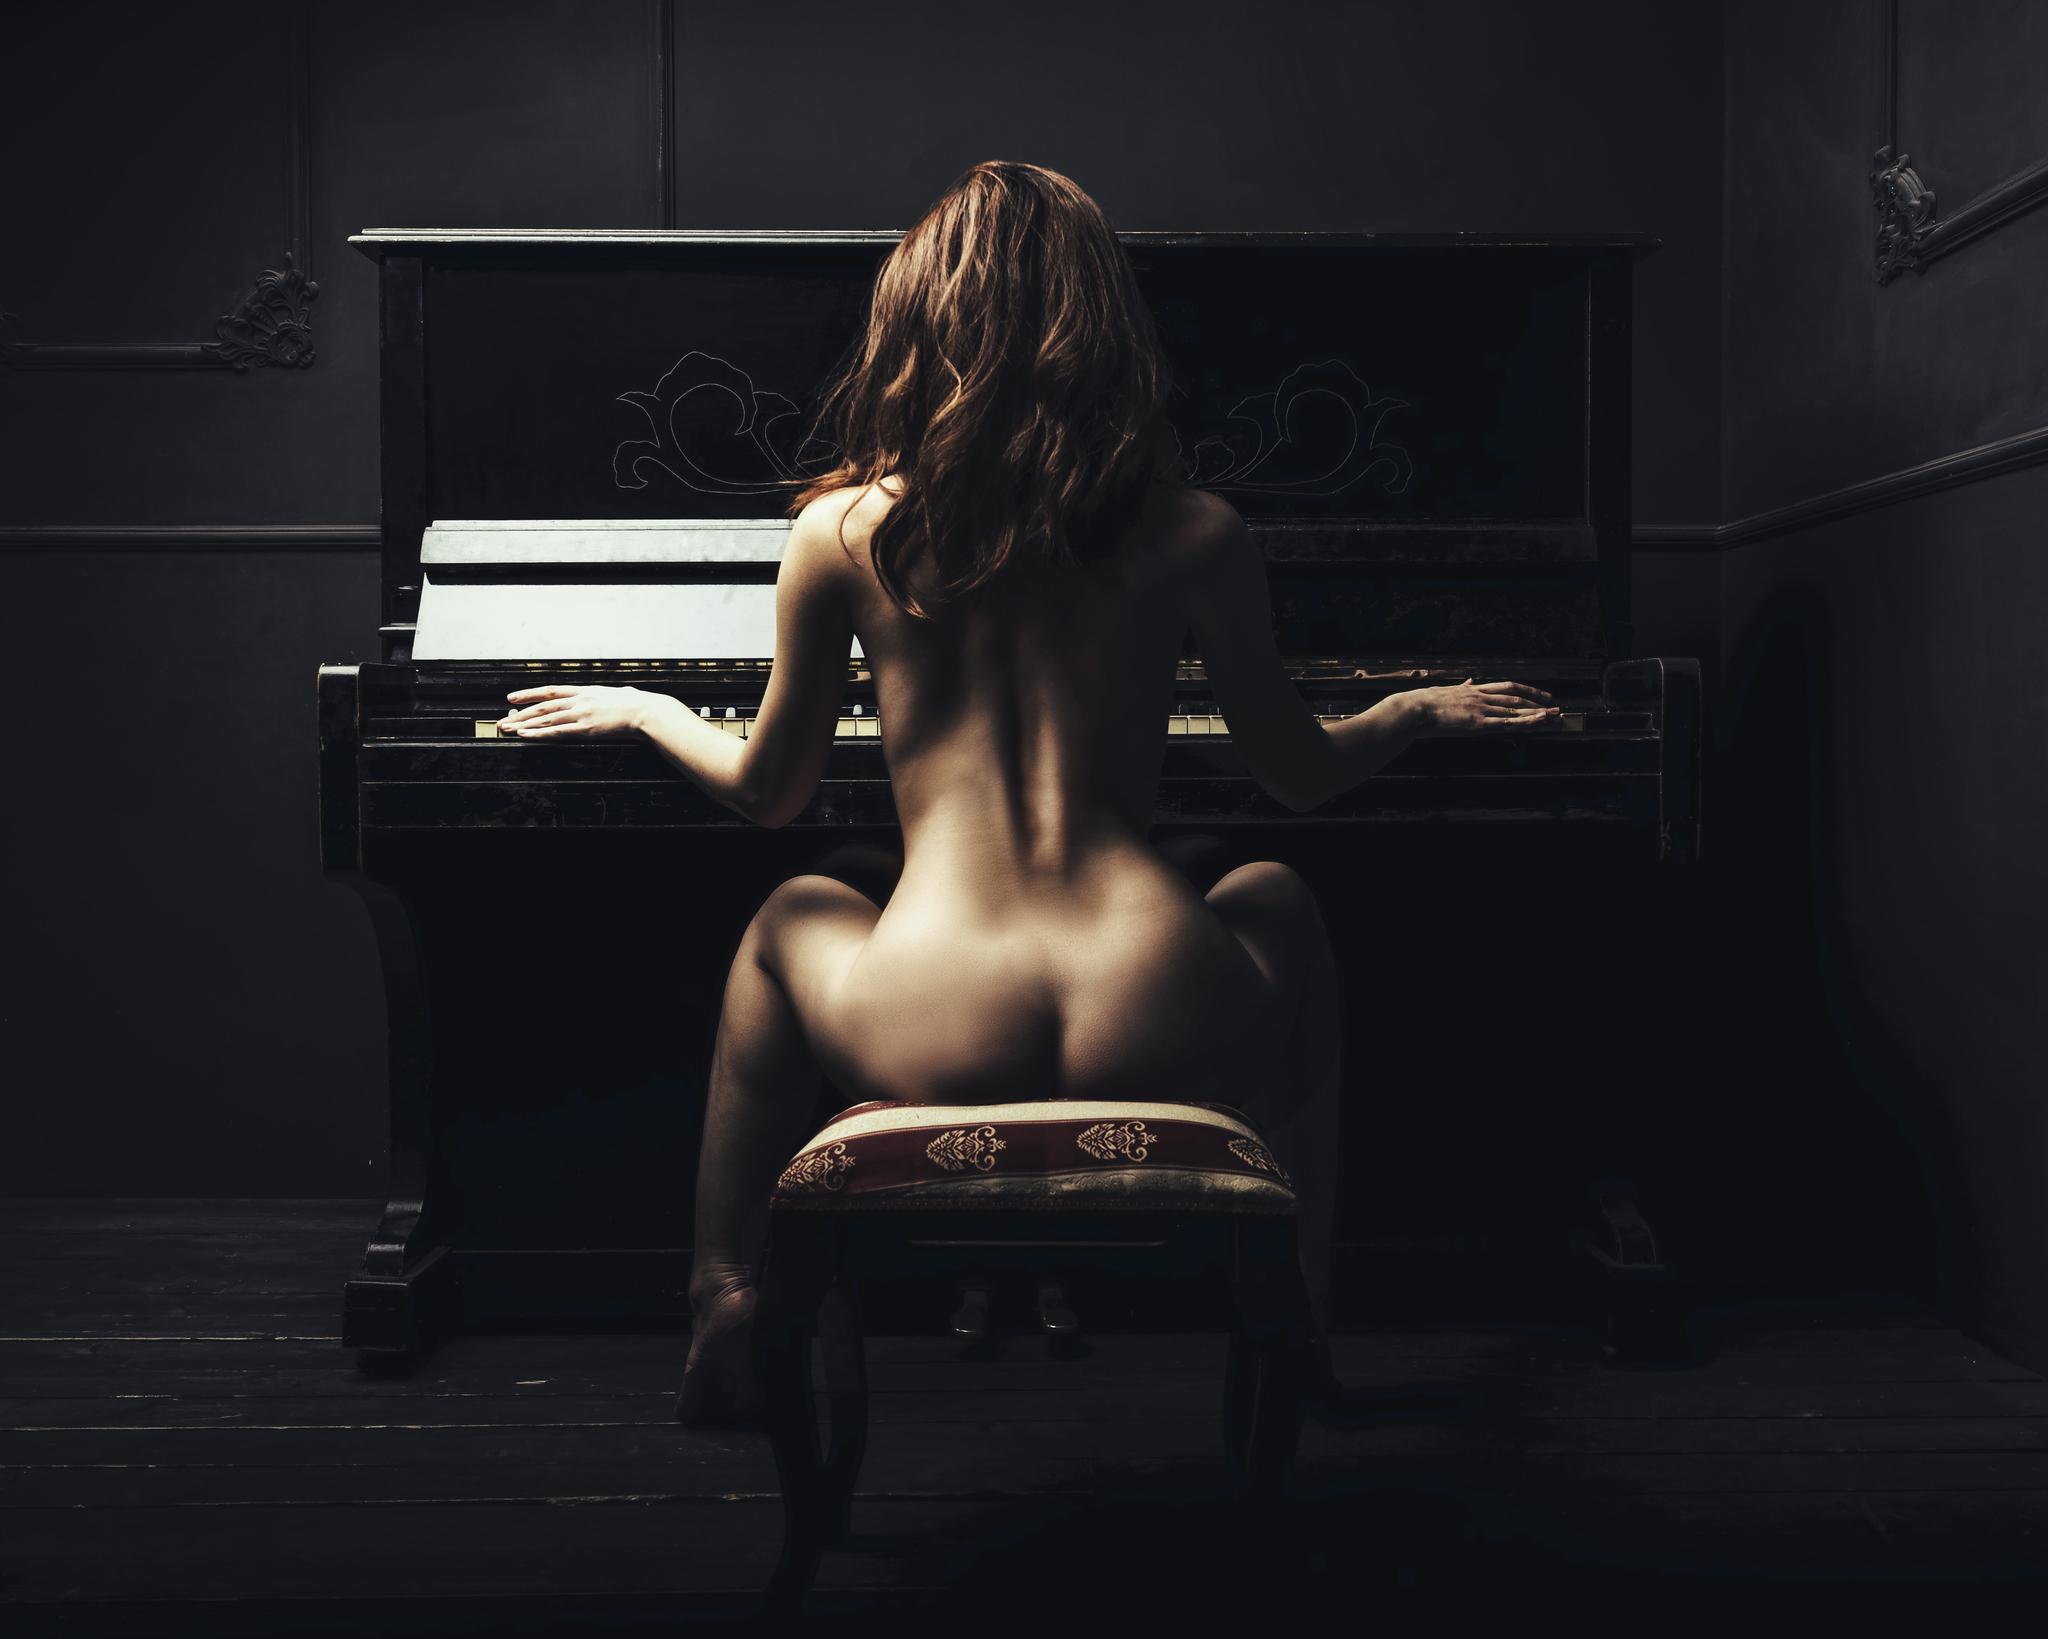 Pro Erotica